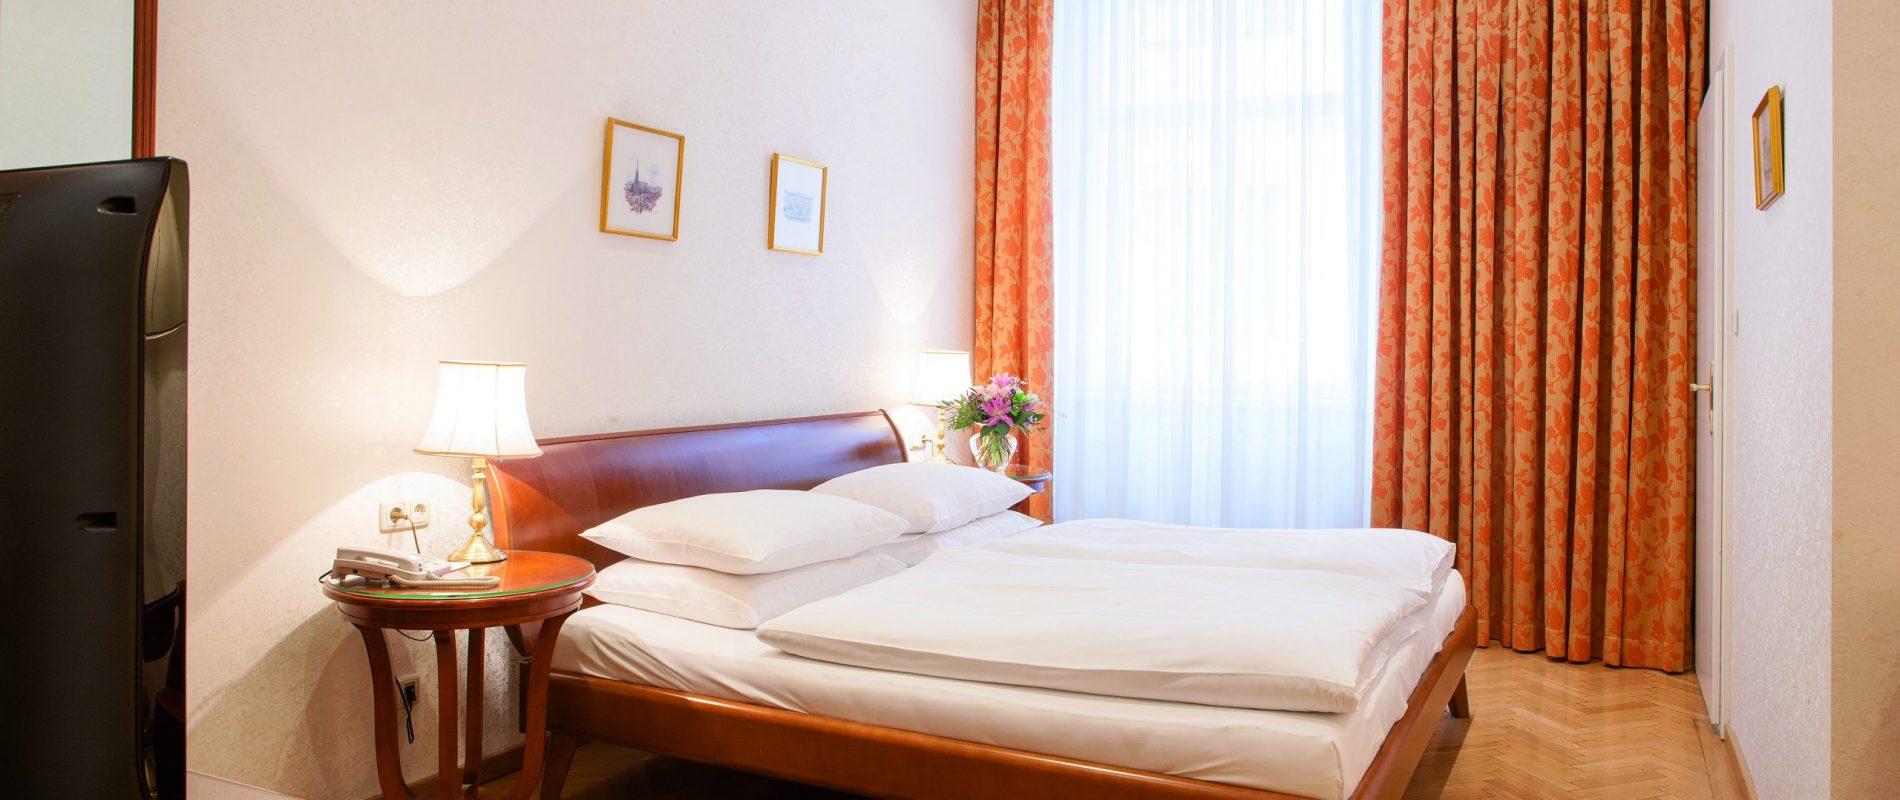 Hotelzimmer mit Doppelbett und roten Vorhängen